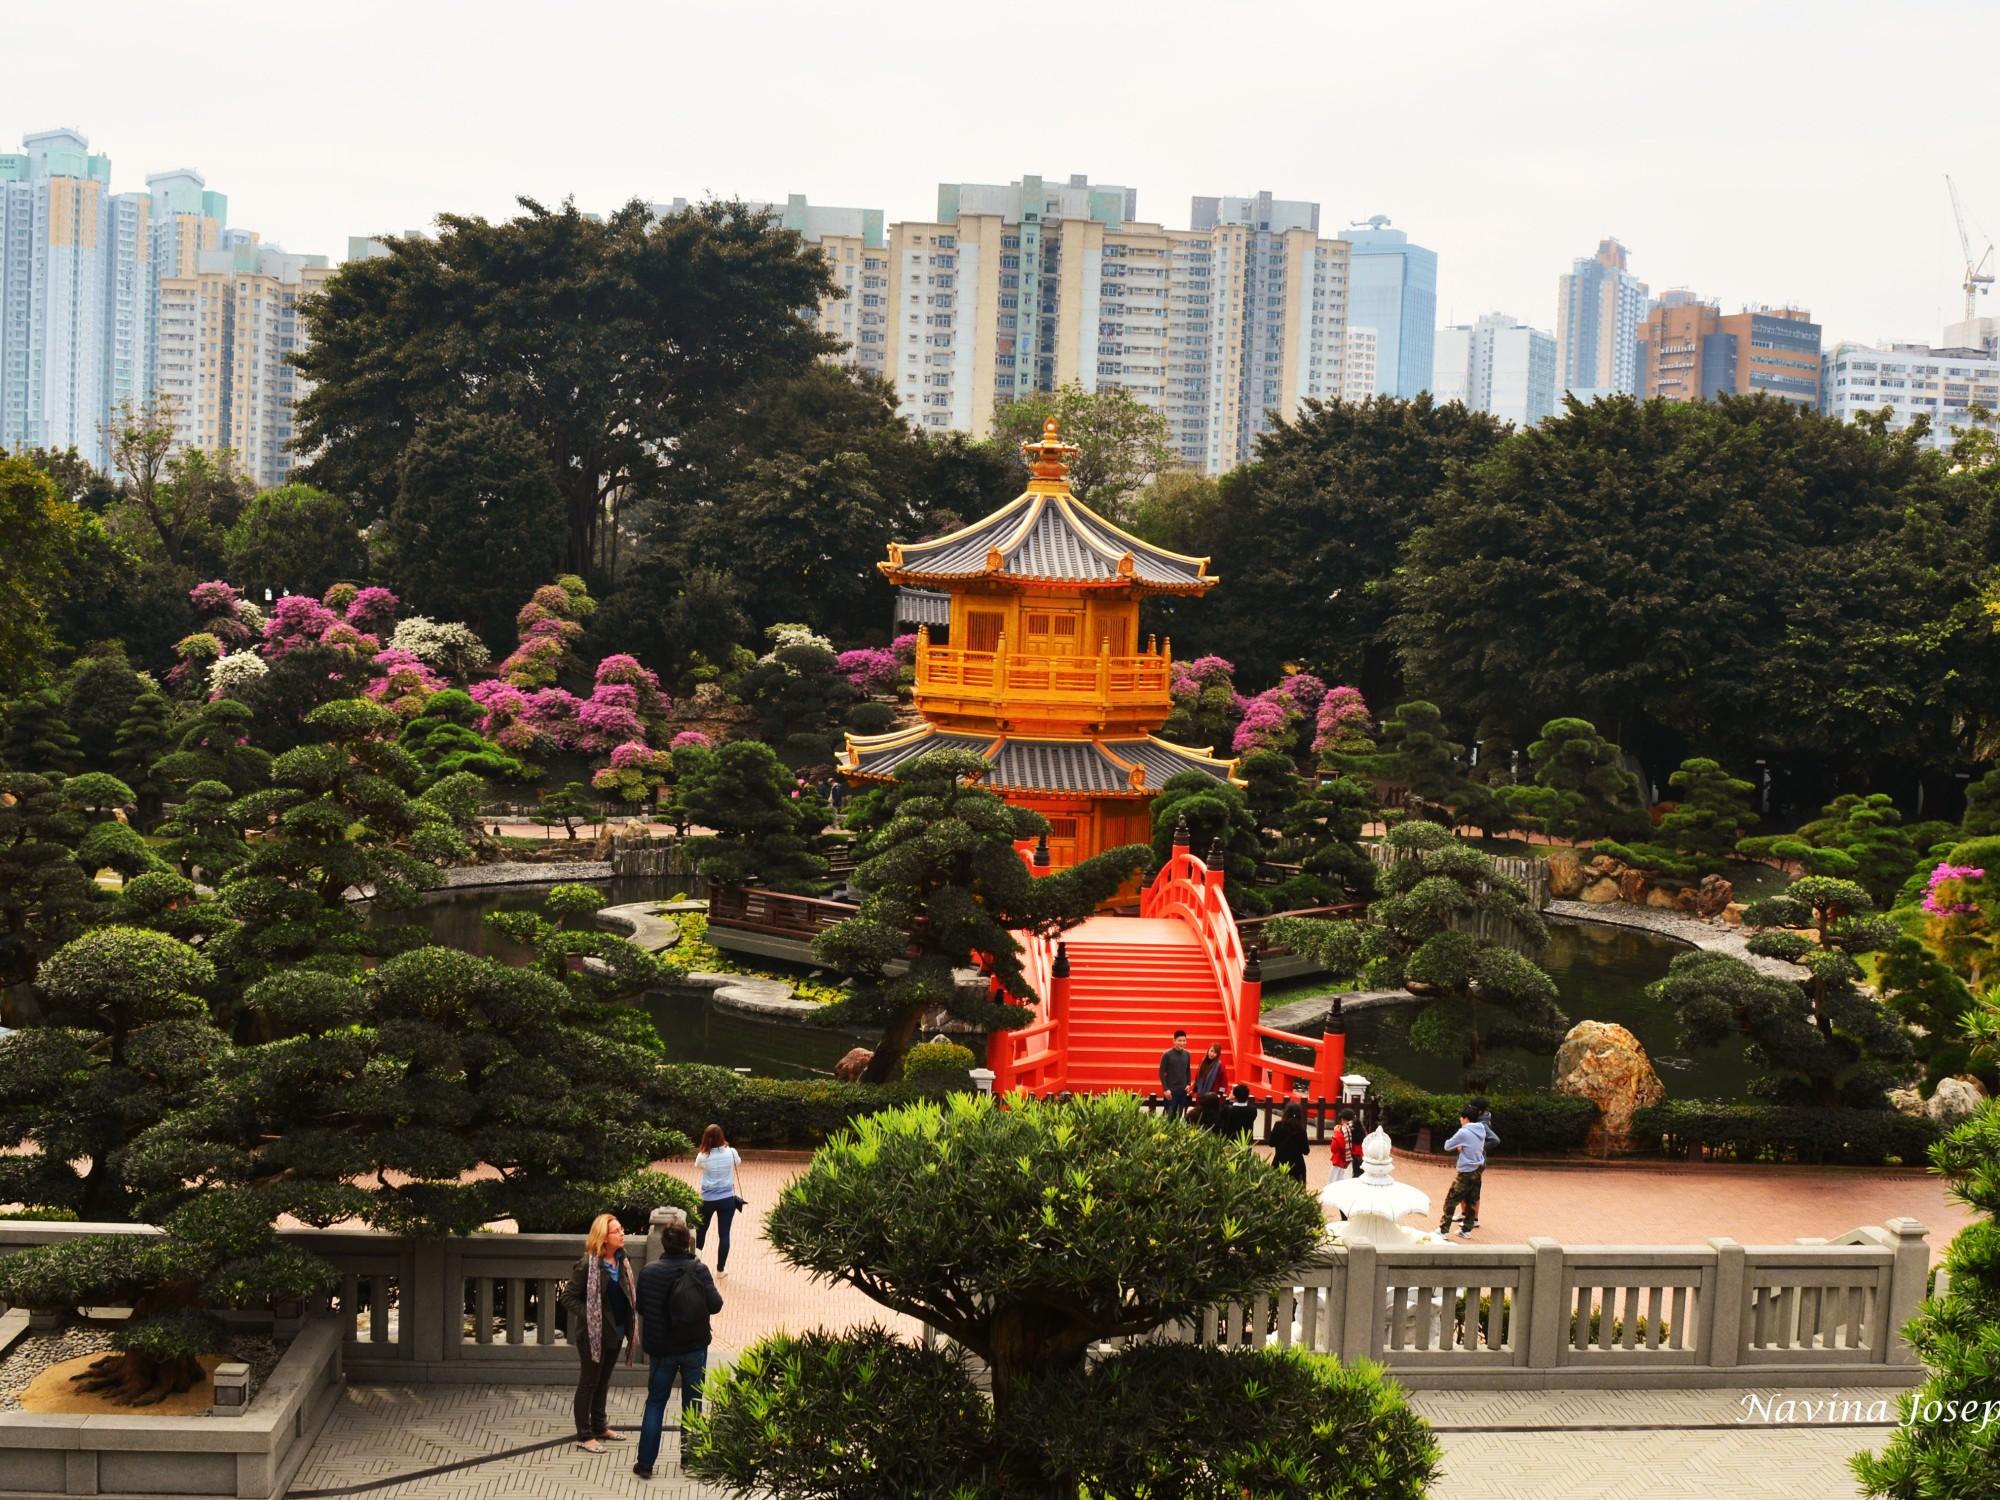 Hong Kong – Nan Liang gardens – The travelogues of a wandering mind